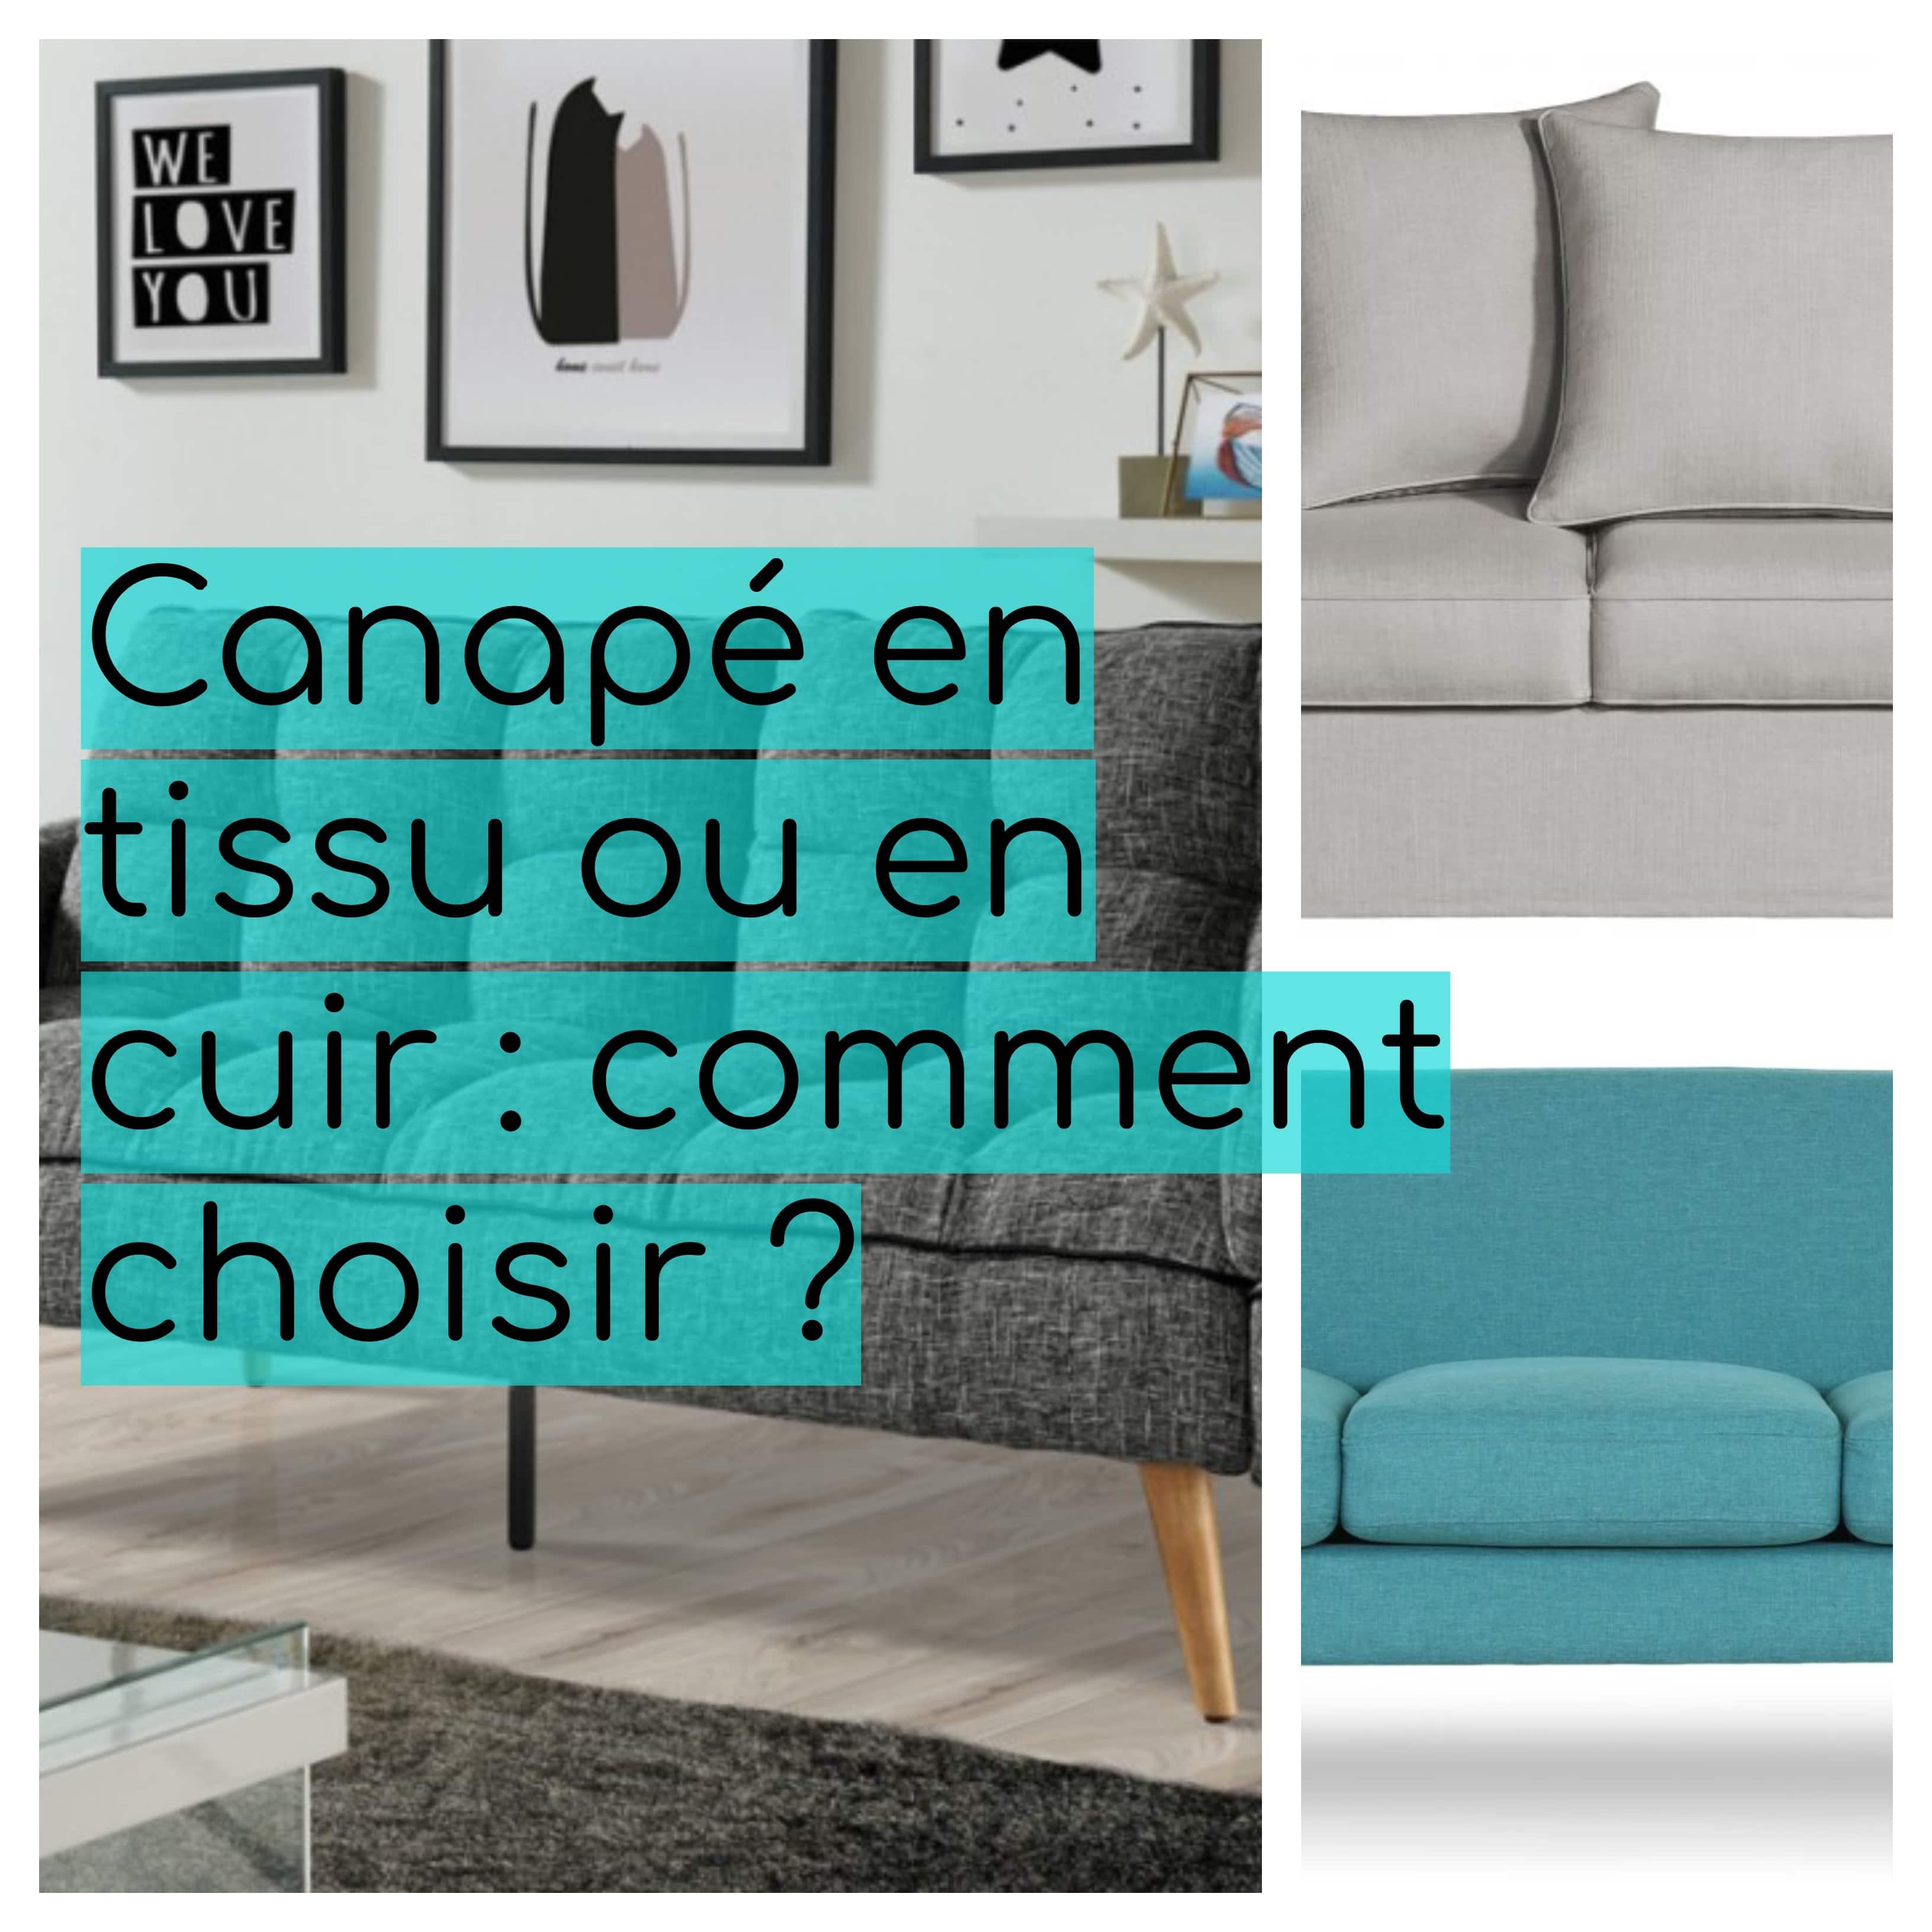 Entretien Canapé Cuir Buffle canapé en tissu ou en cuir : comment choisir ?